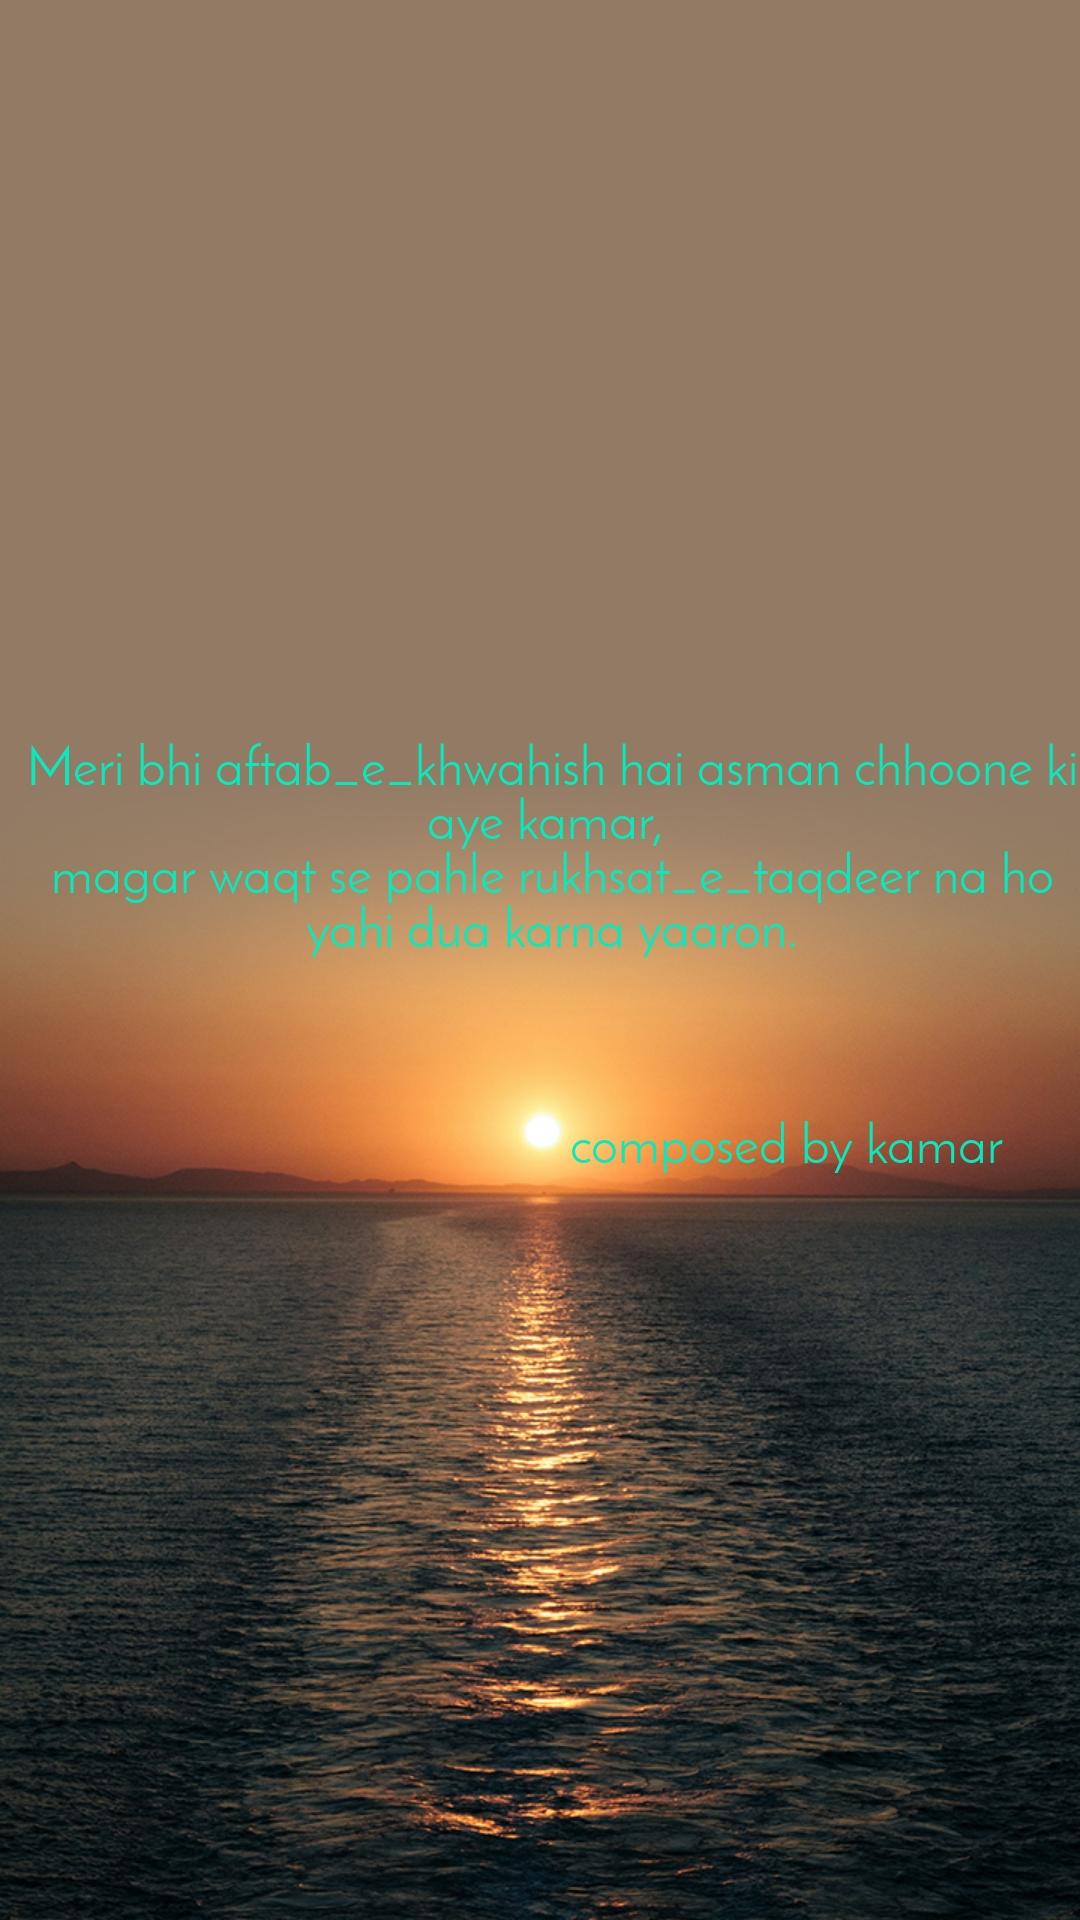 Meri bhi aftab_e_khwahish hai asman chhoone ki aye kamar,  magar waqt se pahle rukhsat_e_taqdeer na ho yahi dua karna yaaron.                                        composed by kamar